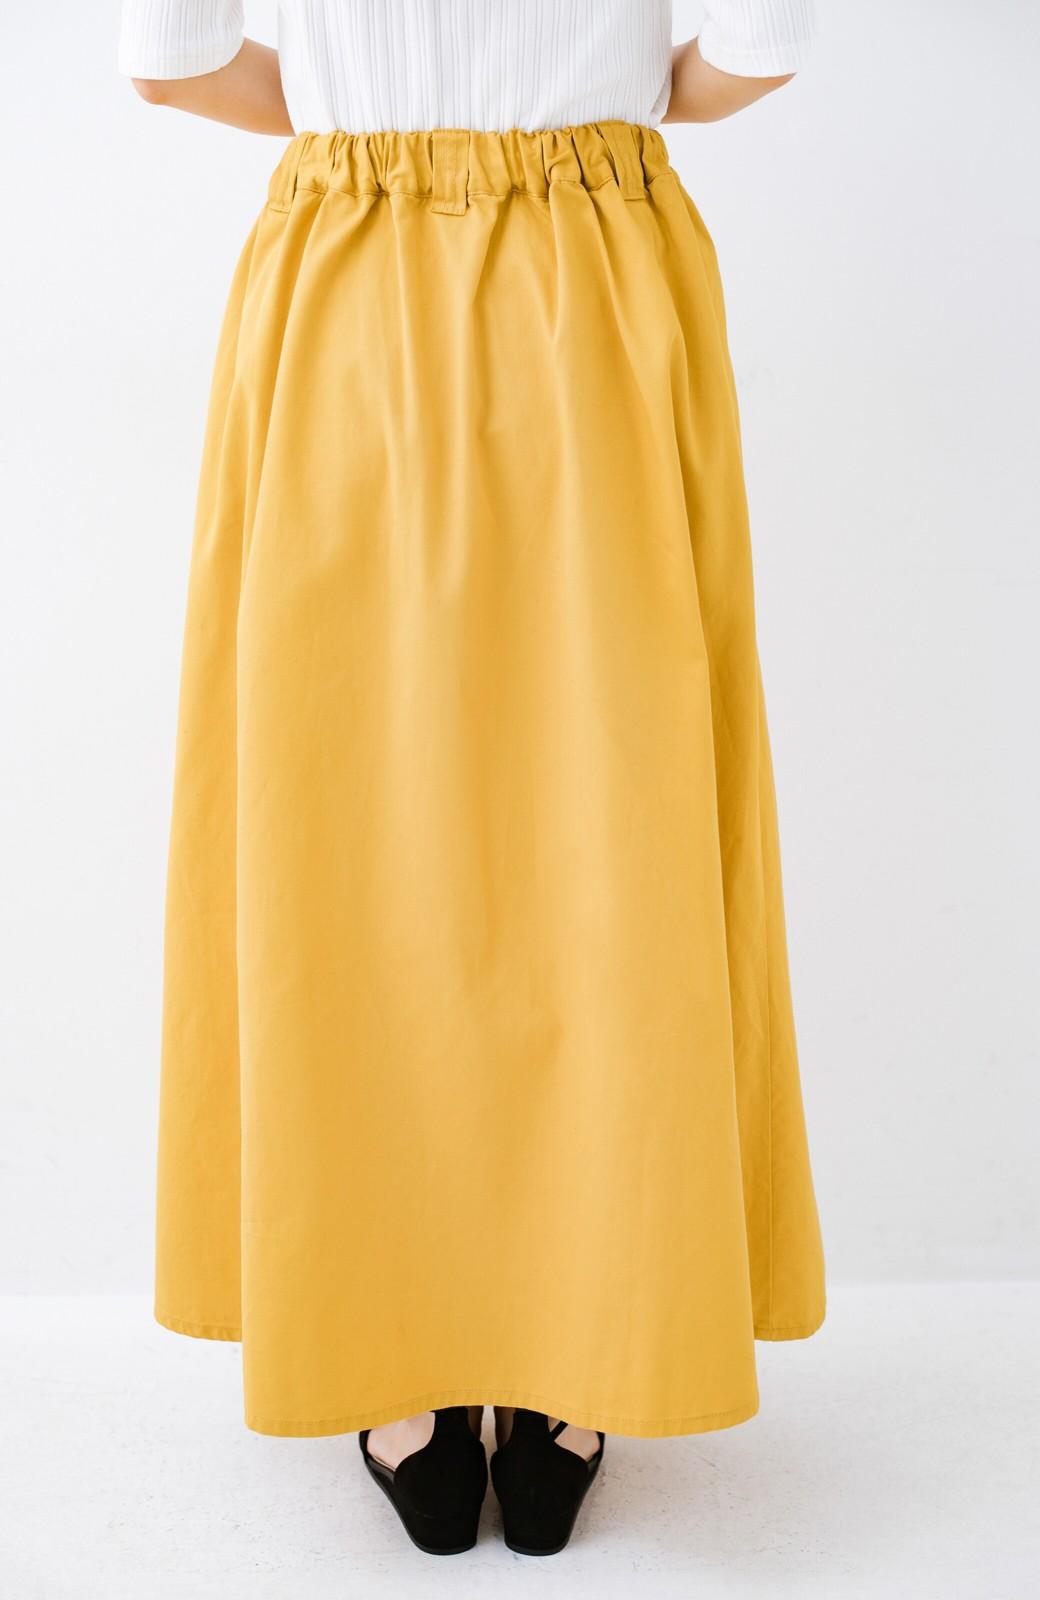 haco! ロングシーズン楽しめる タックボリュームのチノロングスカート <イエロー>の商品写真8